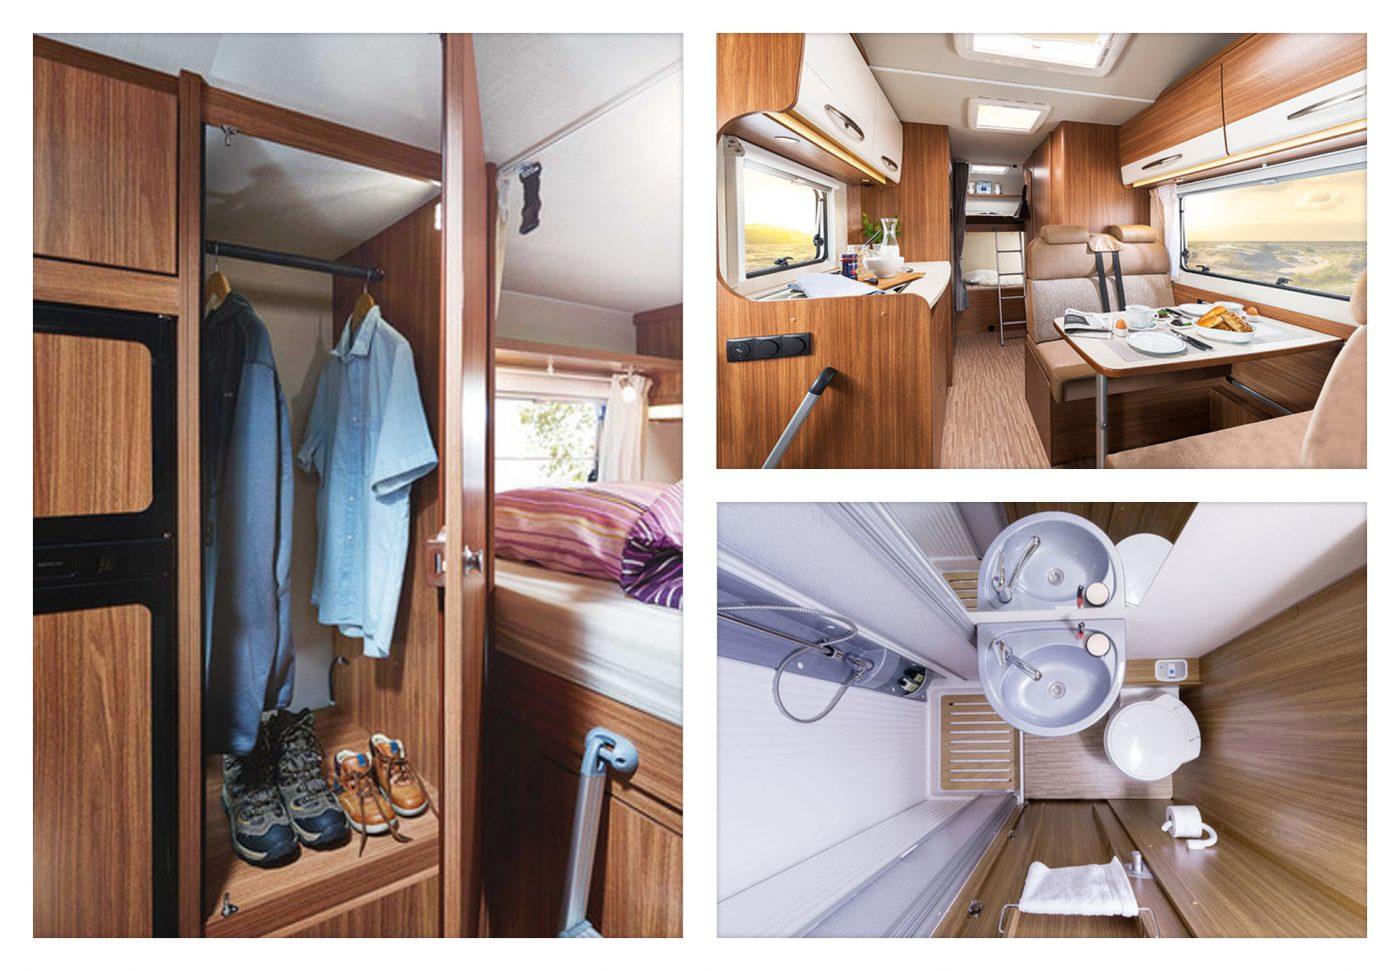 Wohnmobil Innenansichten: Schrank, Küche und Bad